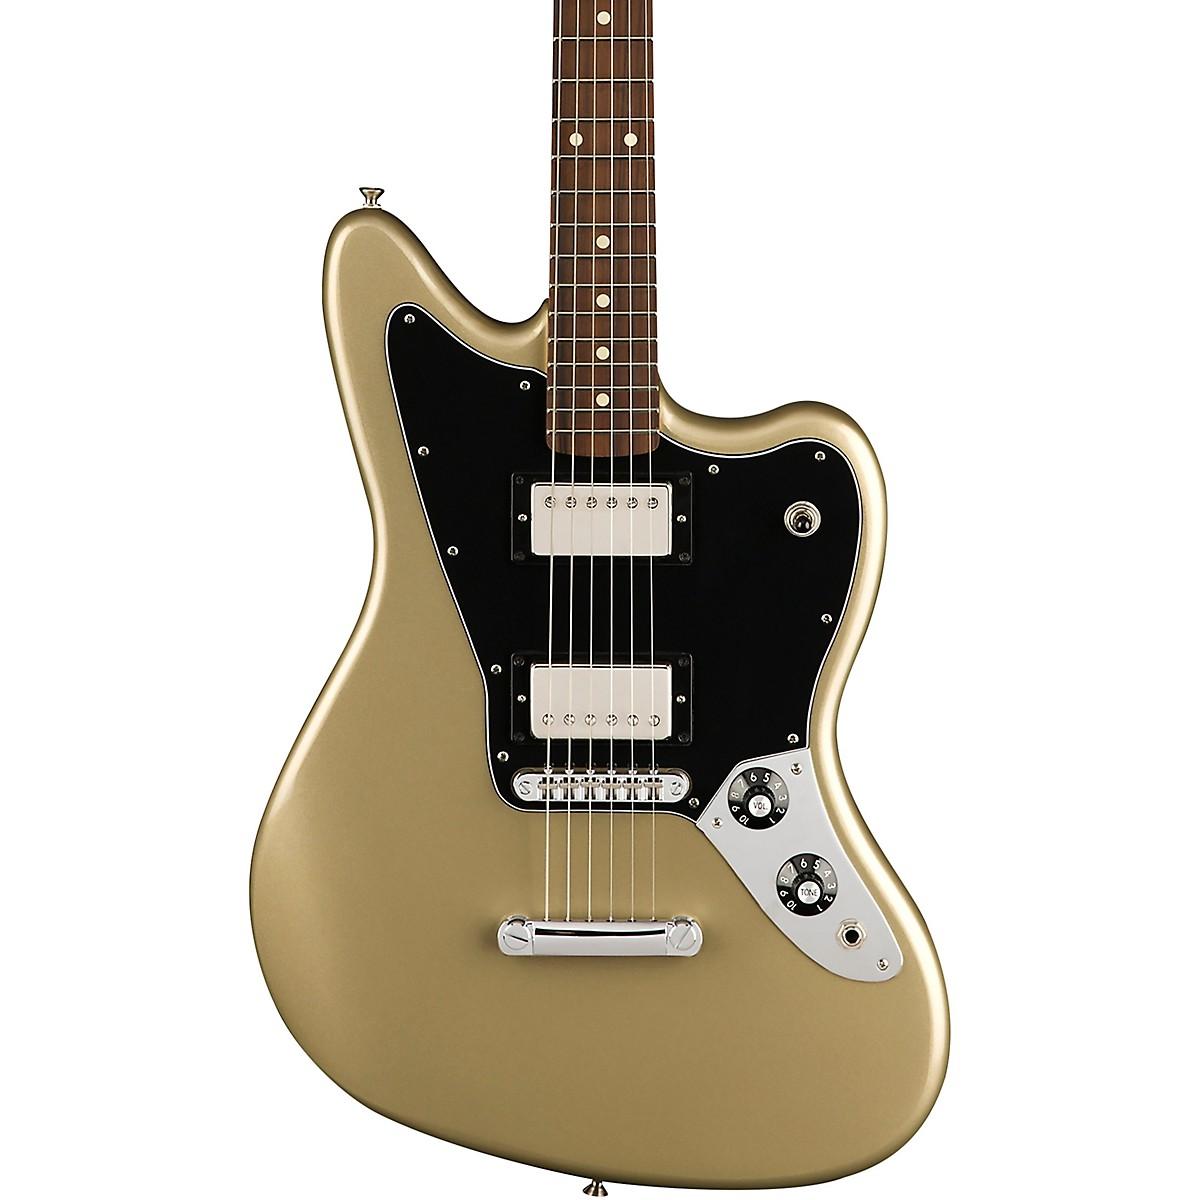 Fender Standard Jaguar HH Limited Edition Electric Guitar